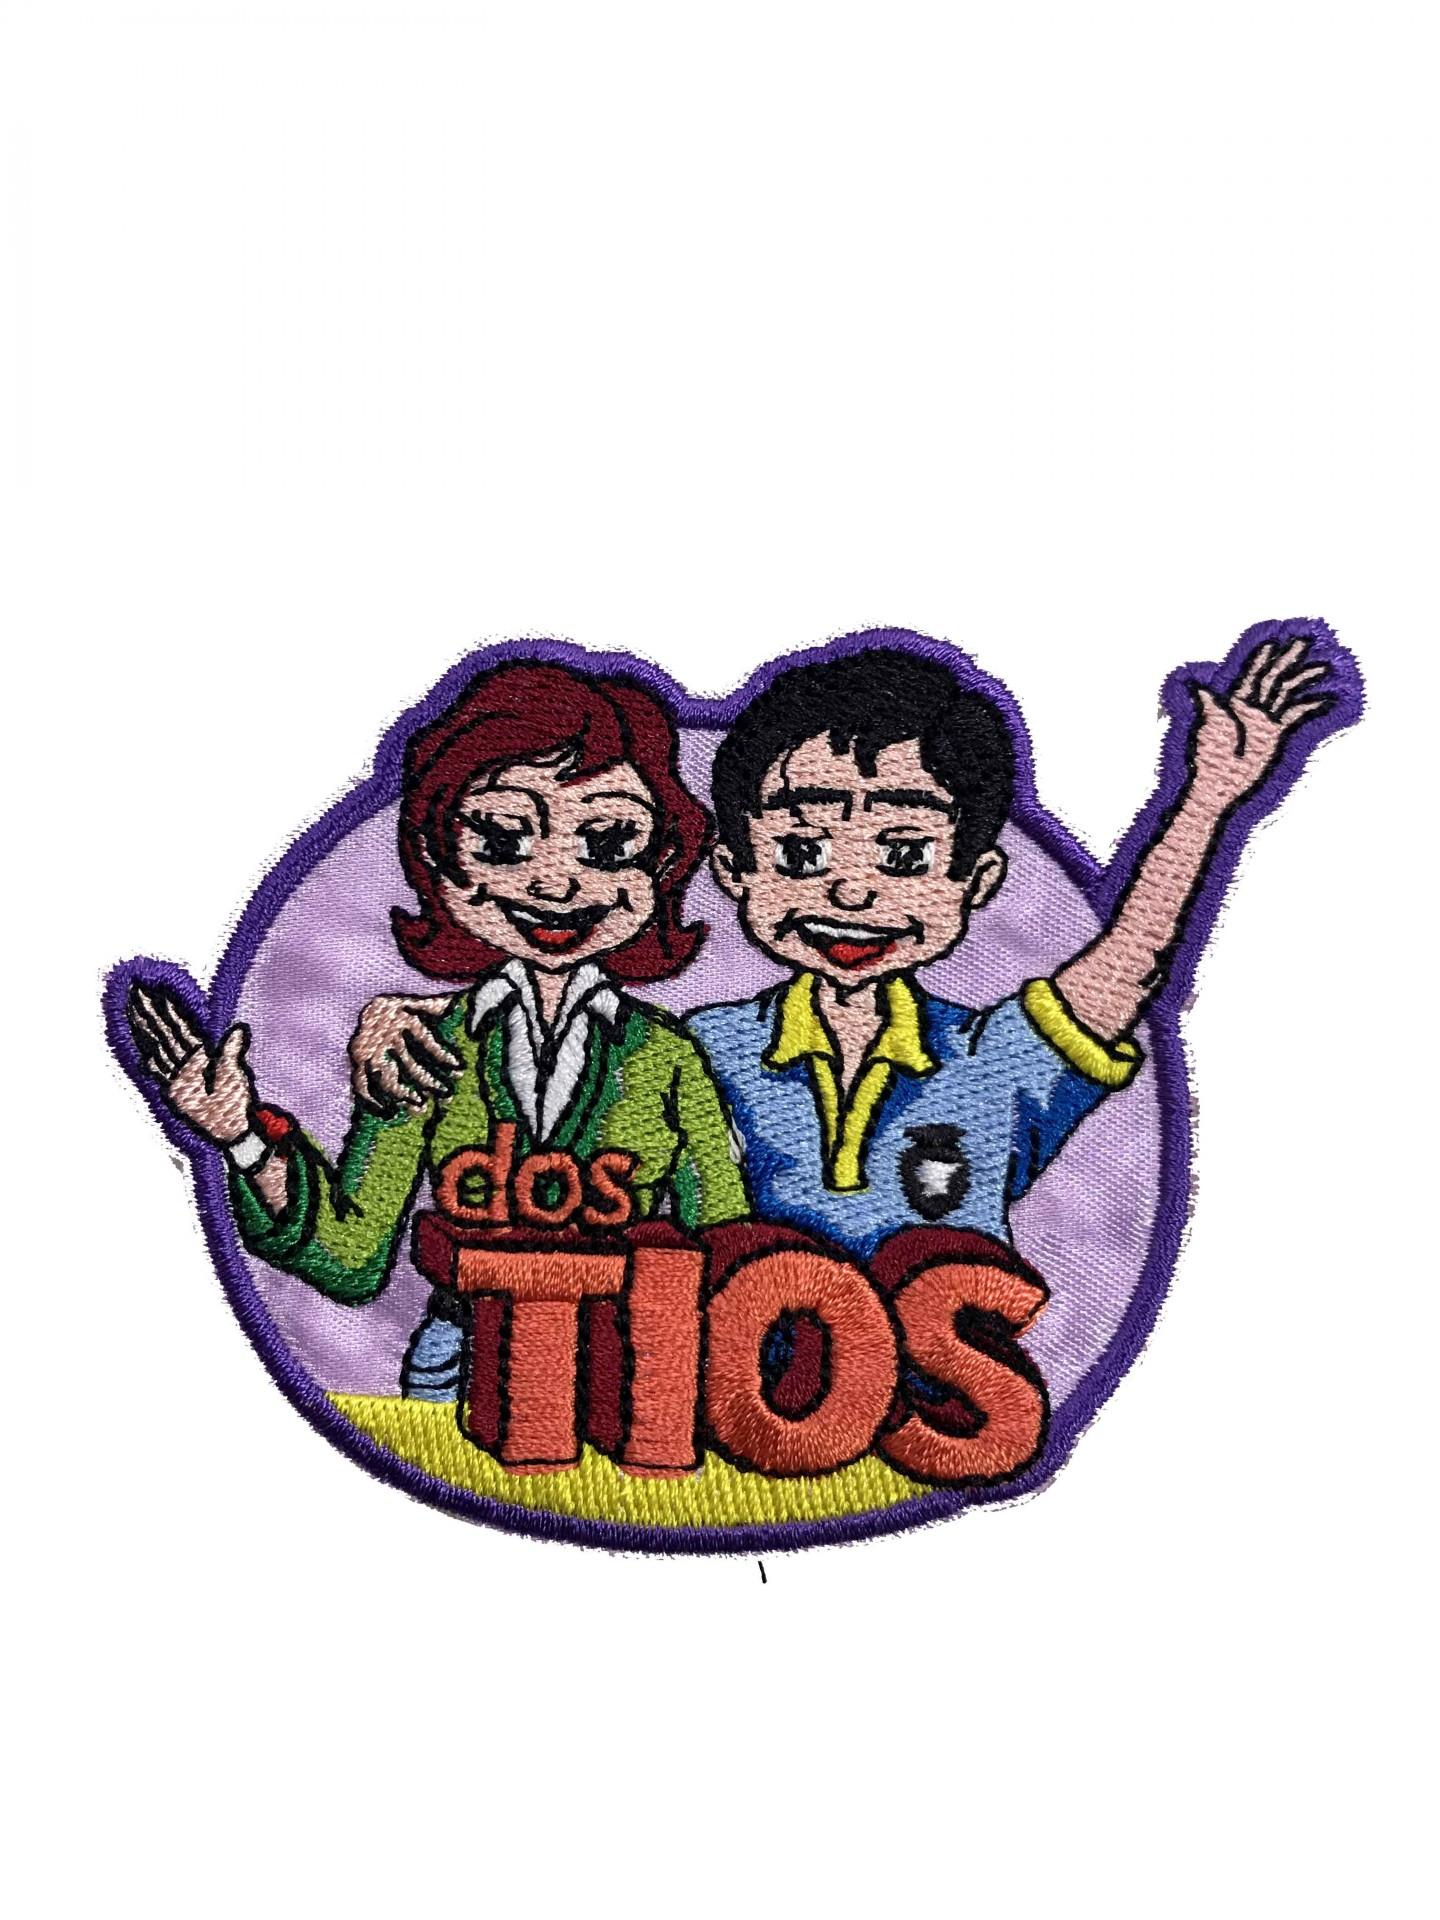 Emblema Tios